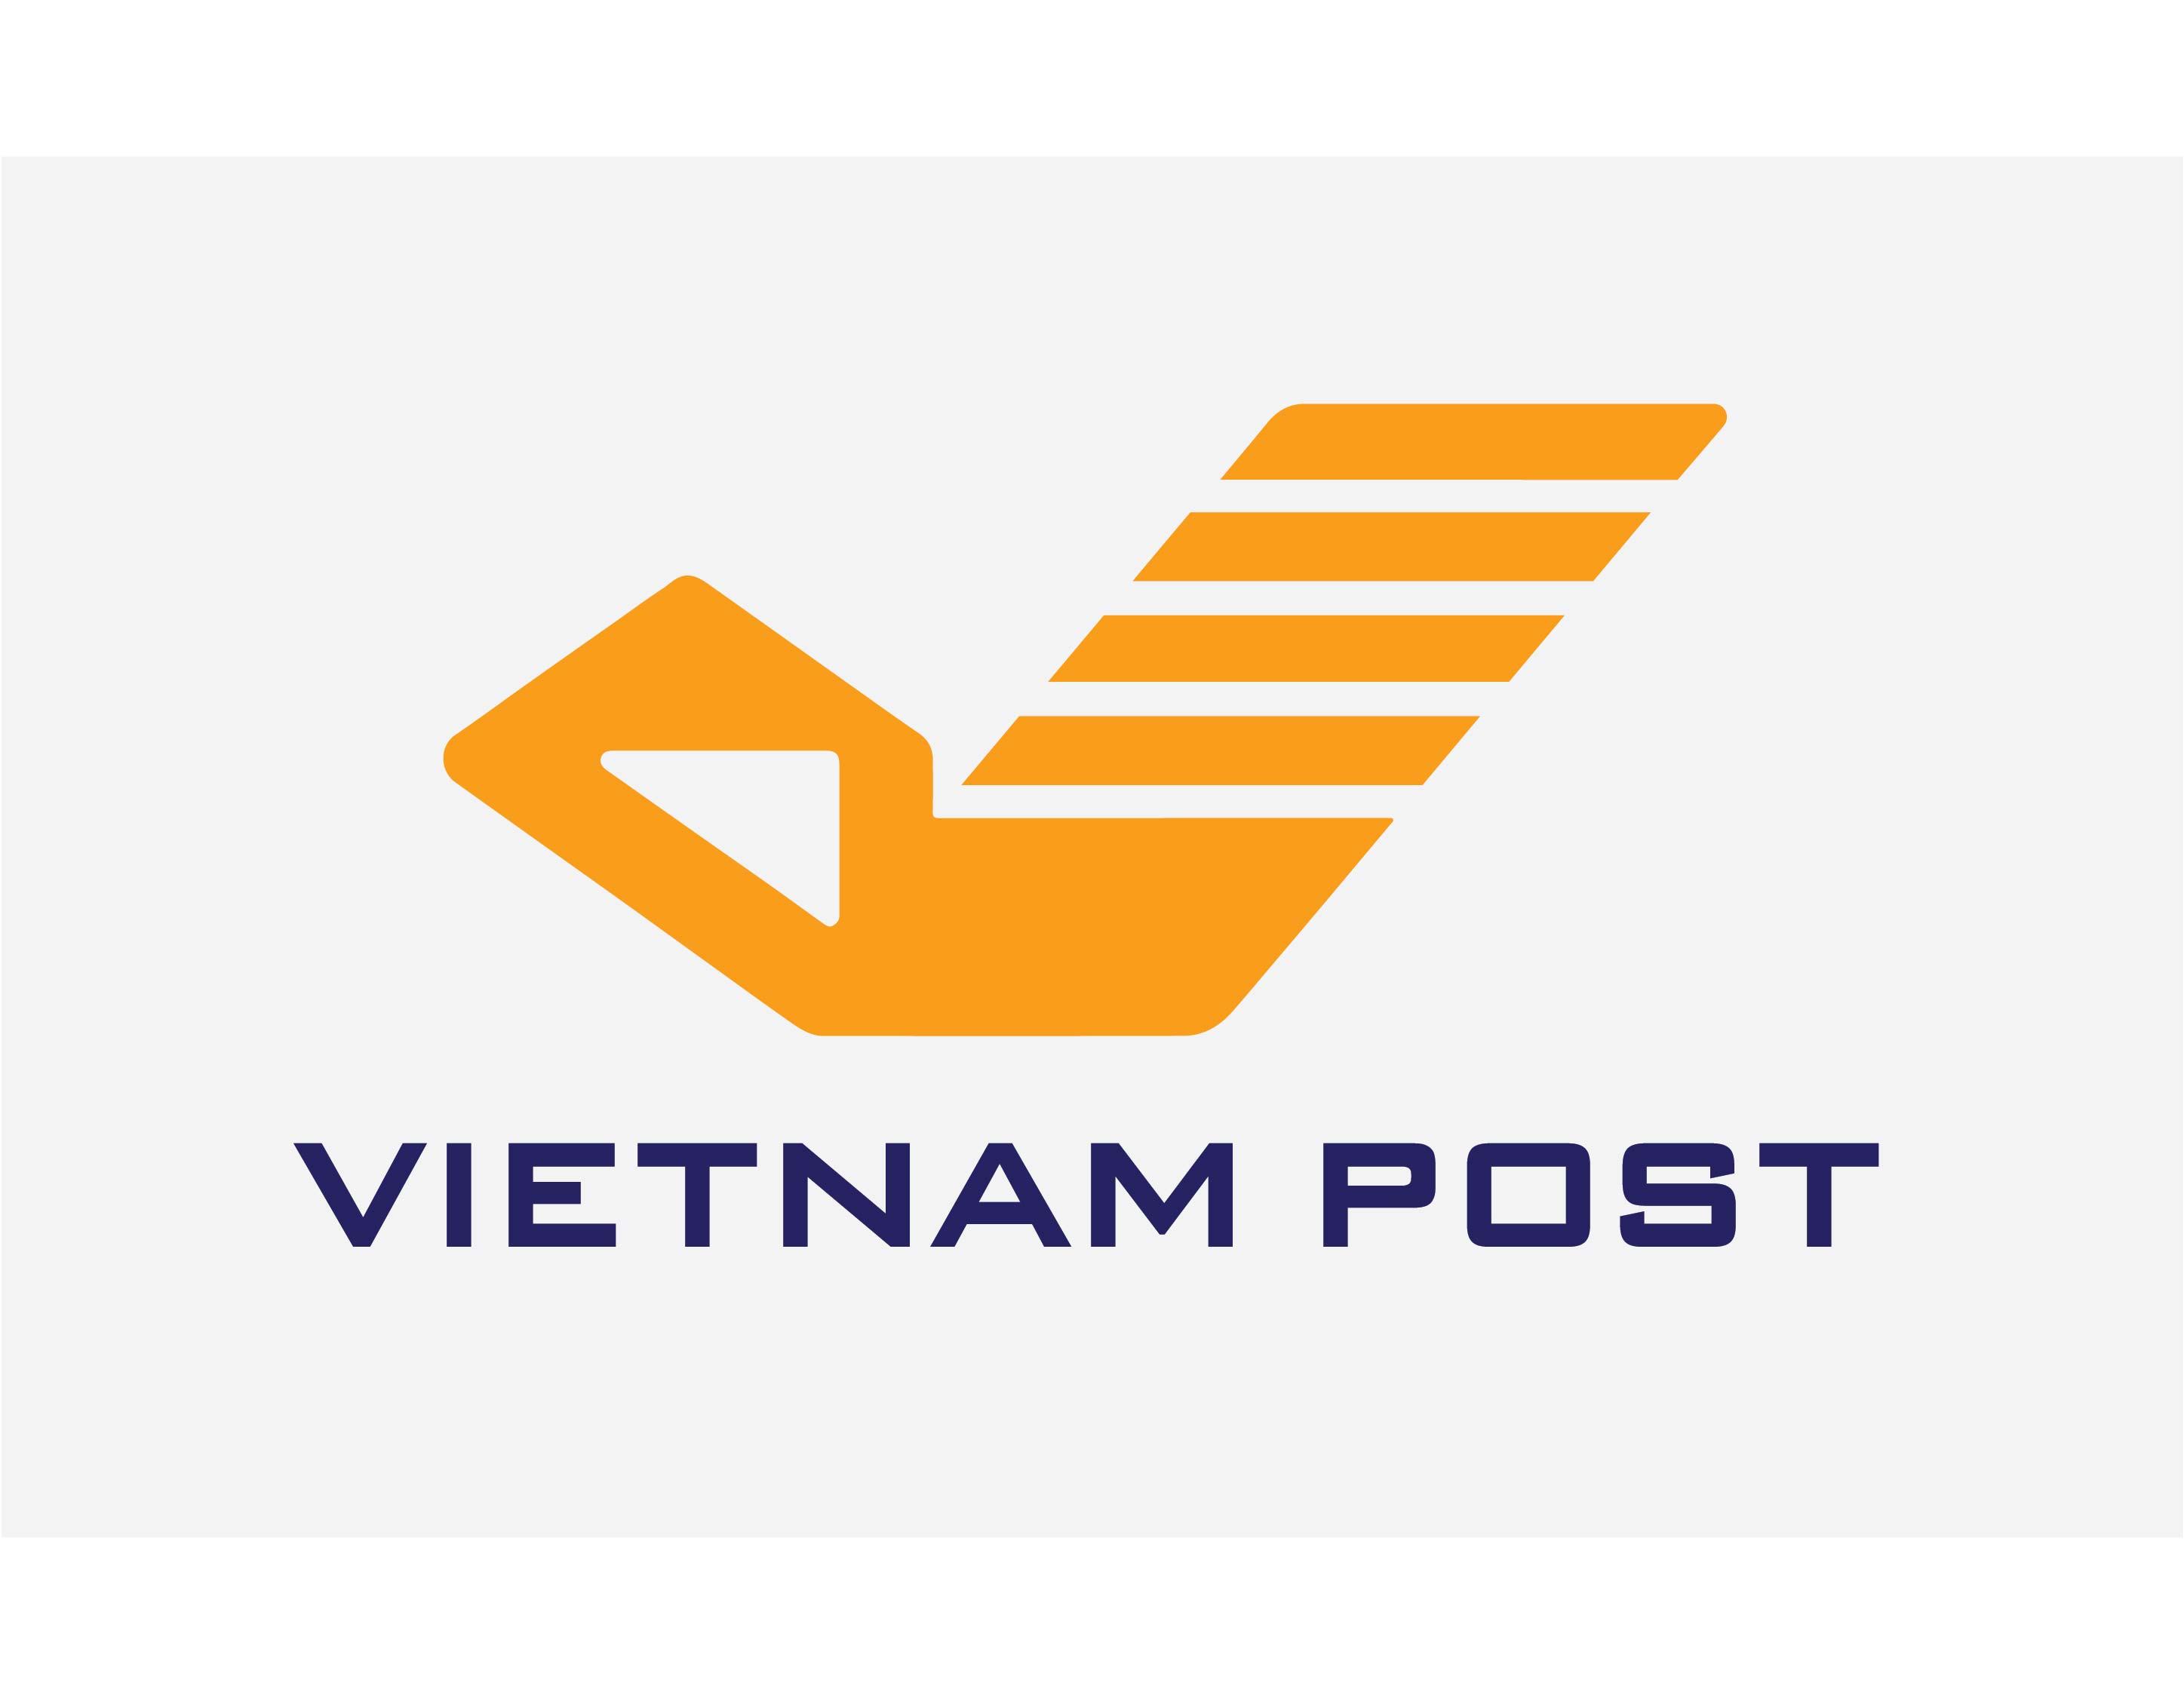 Logo Bưu điện Việt Nam vector – File: Ai, pdf, eps, png